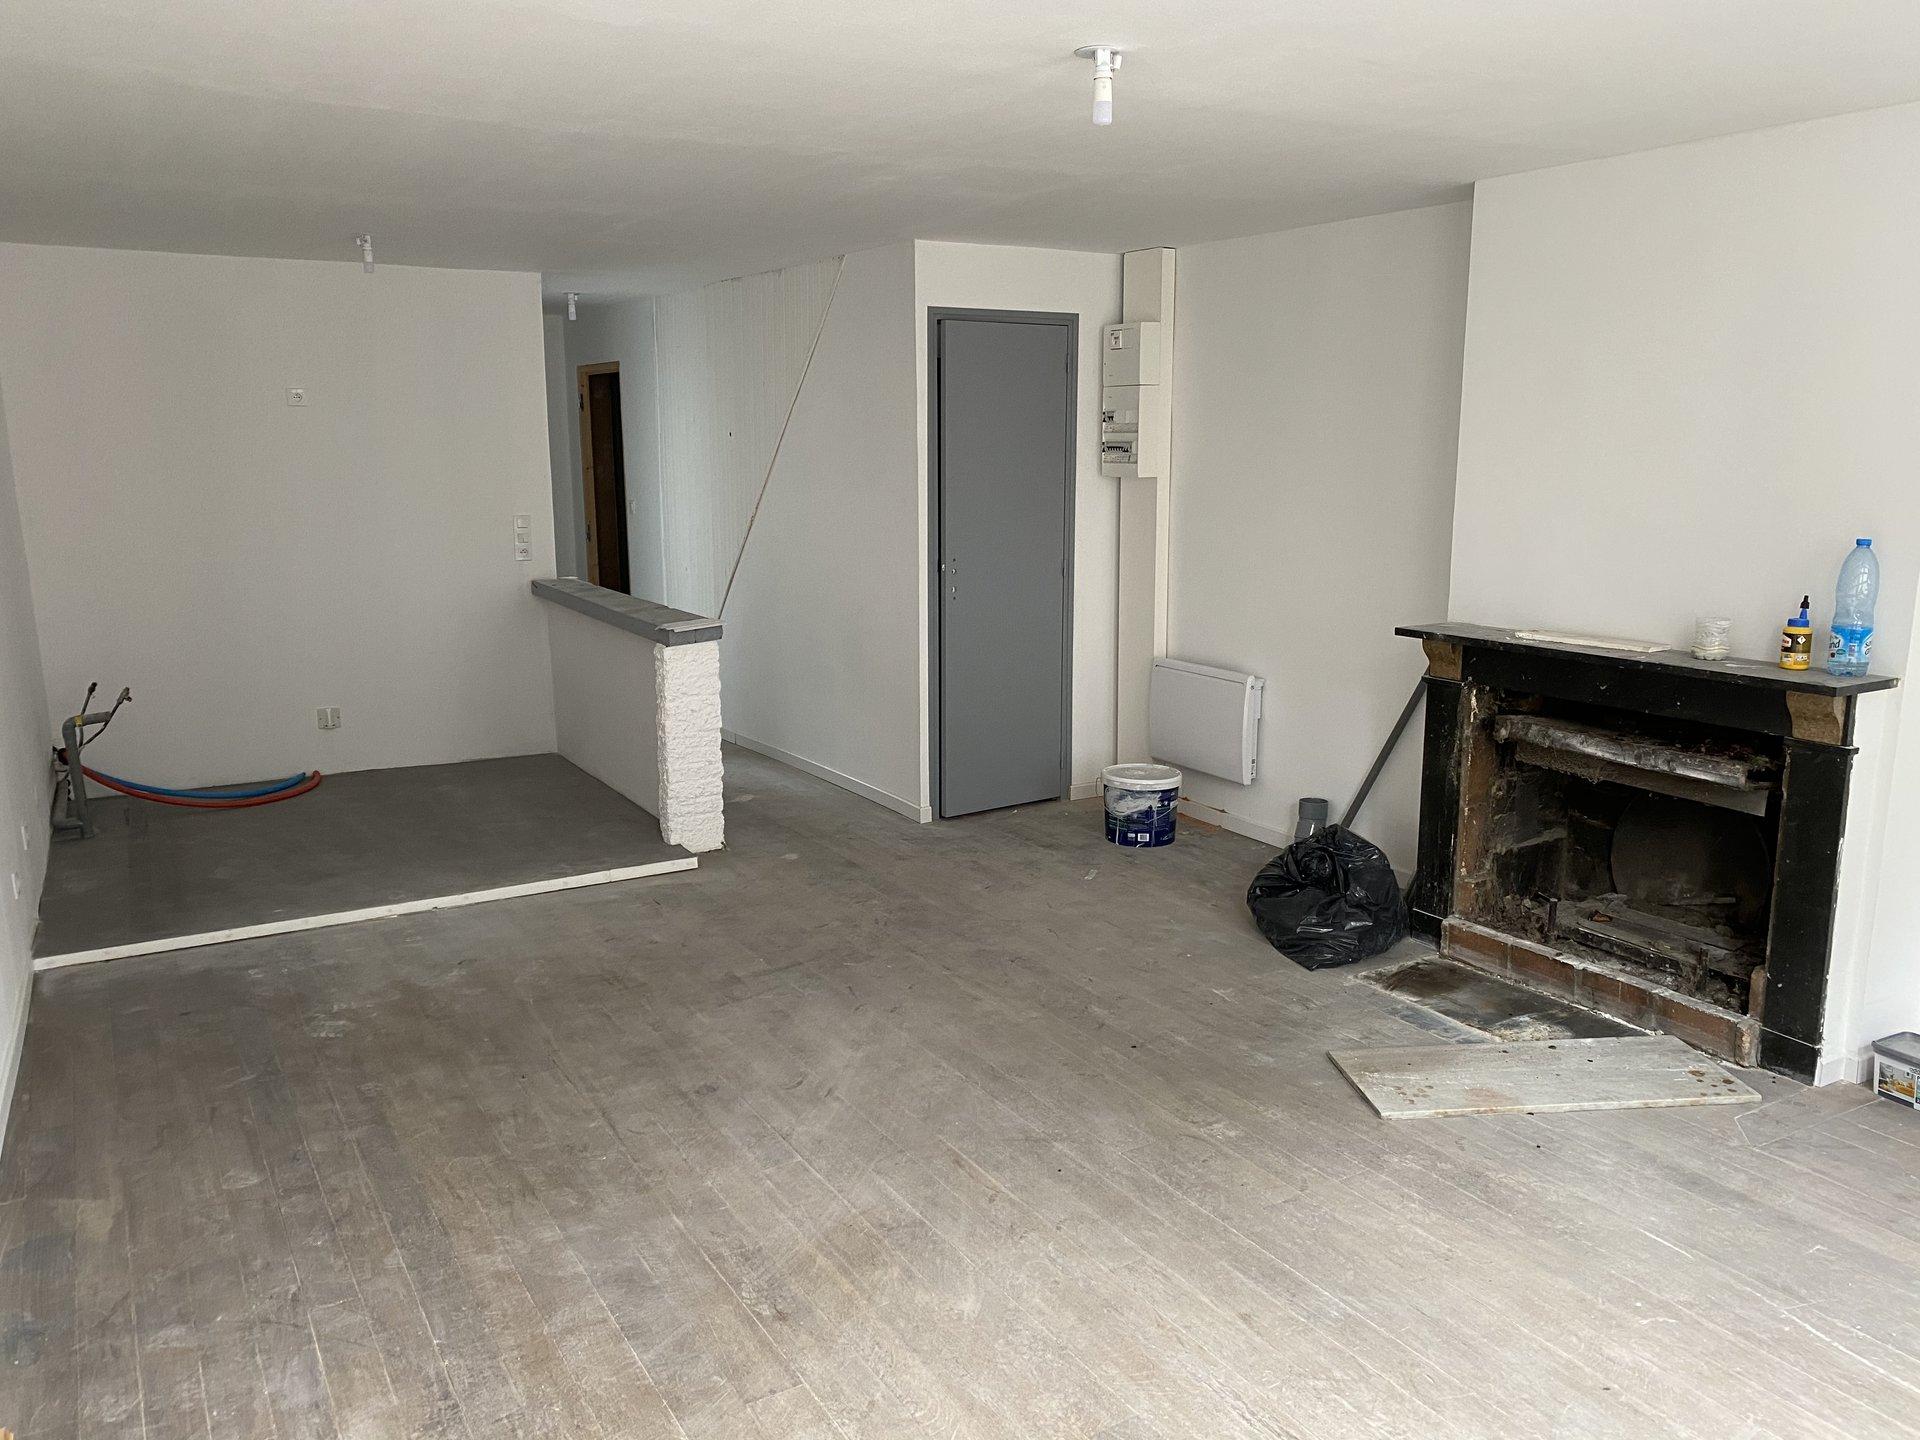 EXCLUSIVITÉ Immeuble Avesnes-sur-helpe